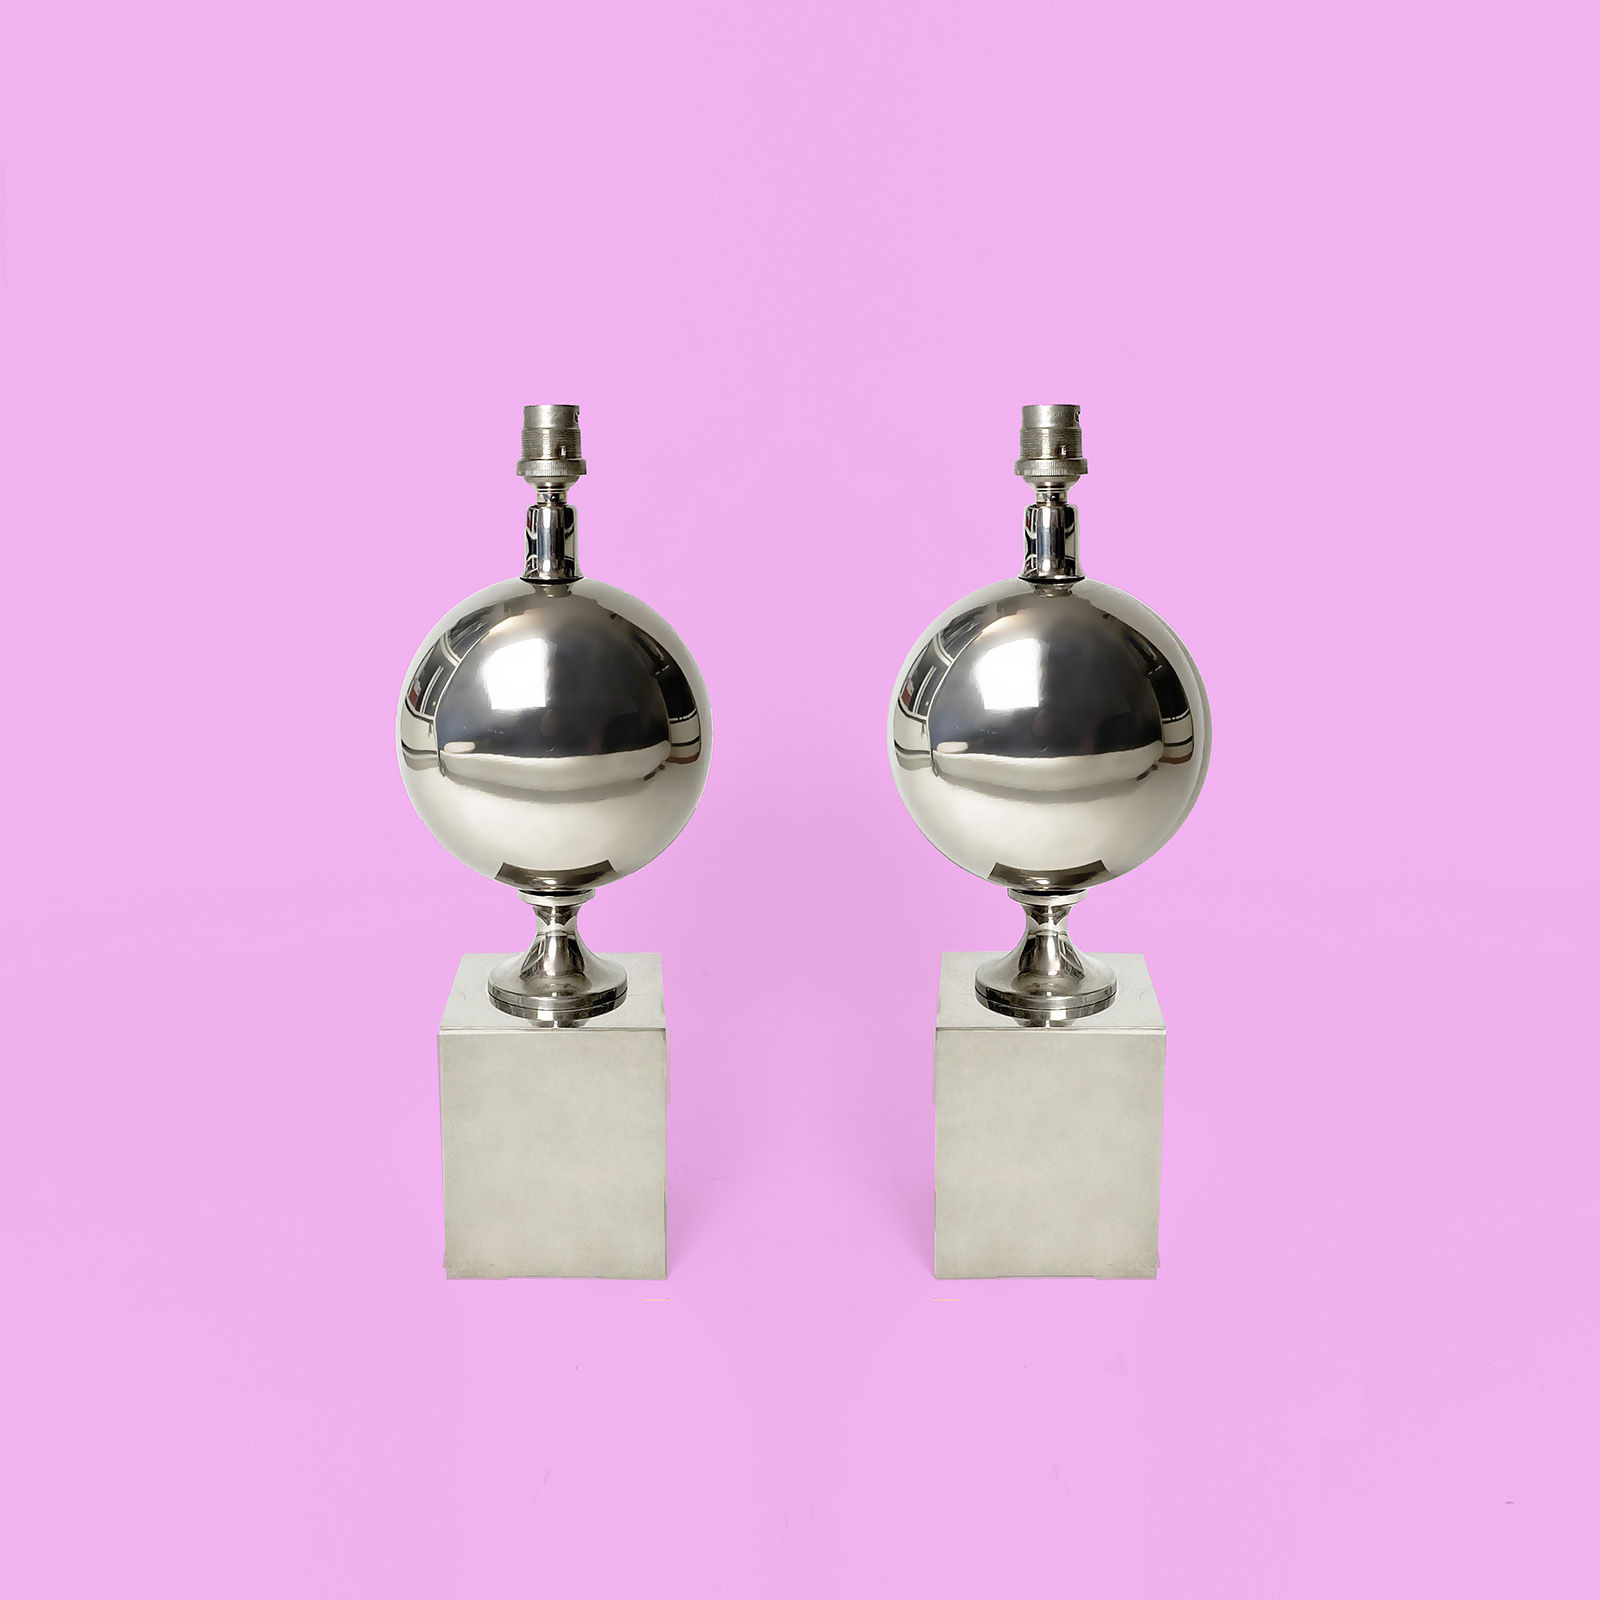 LAMPE BARBIER acier chromé chrome steel lamp